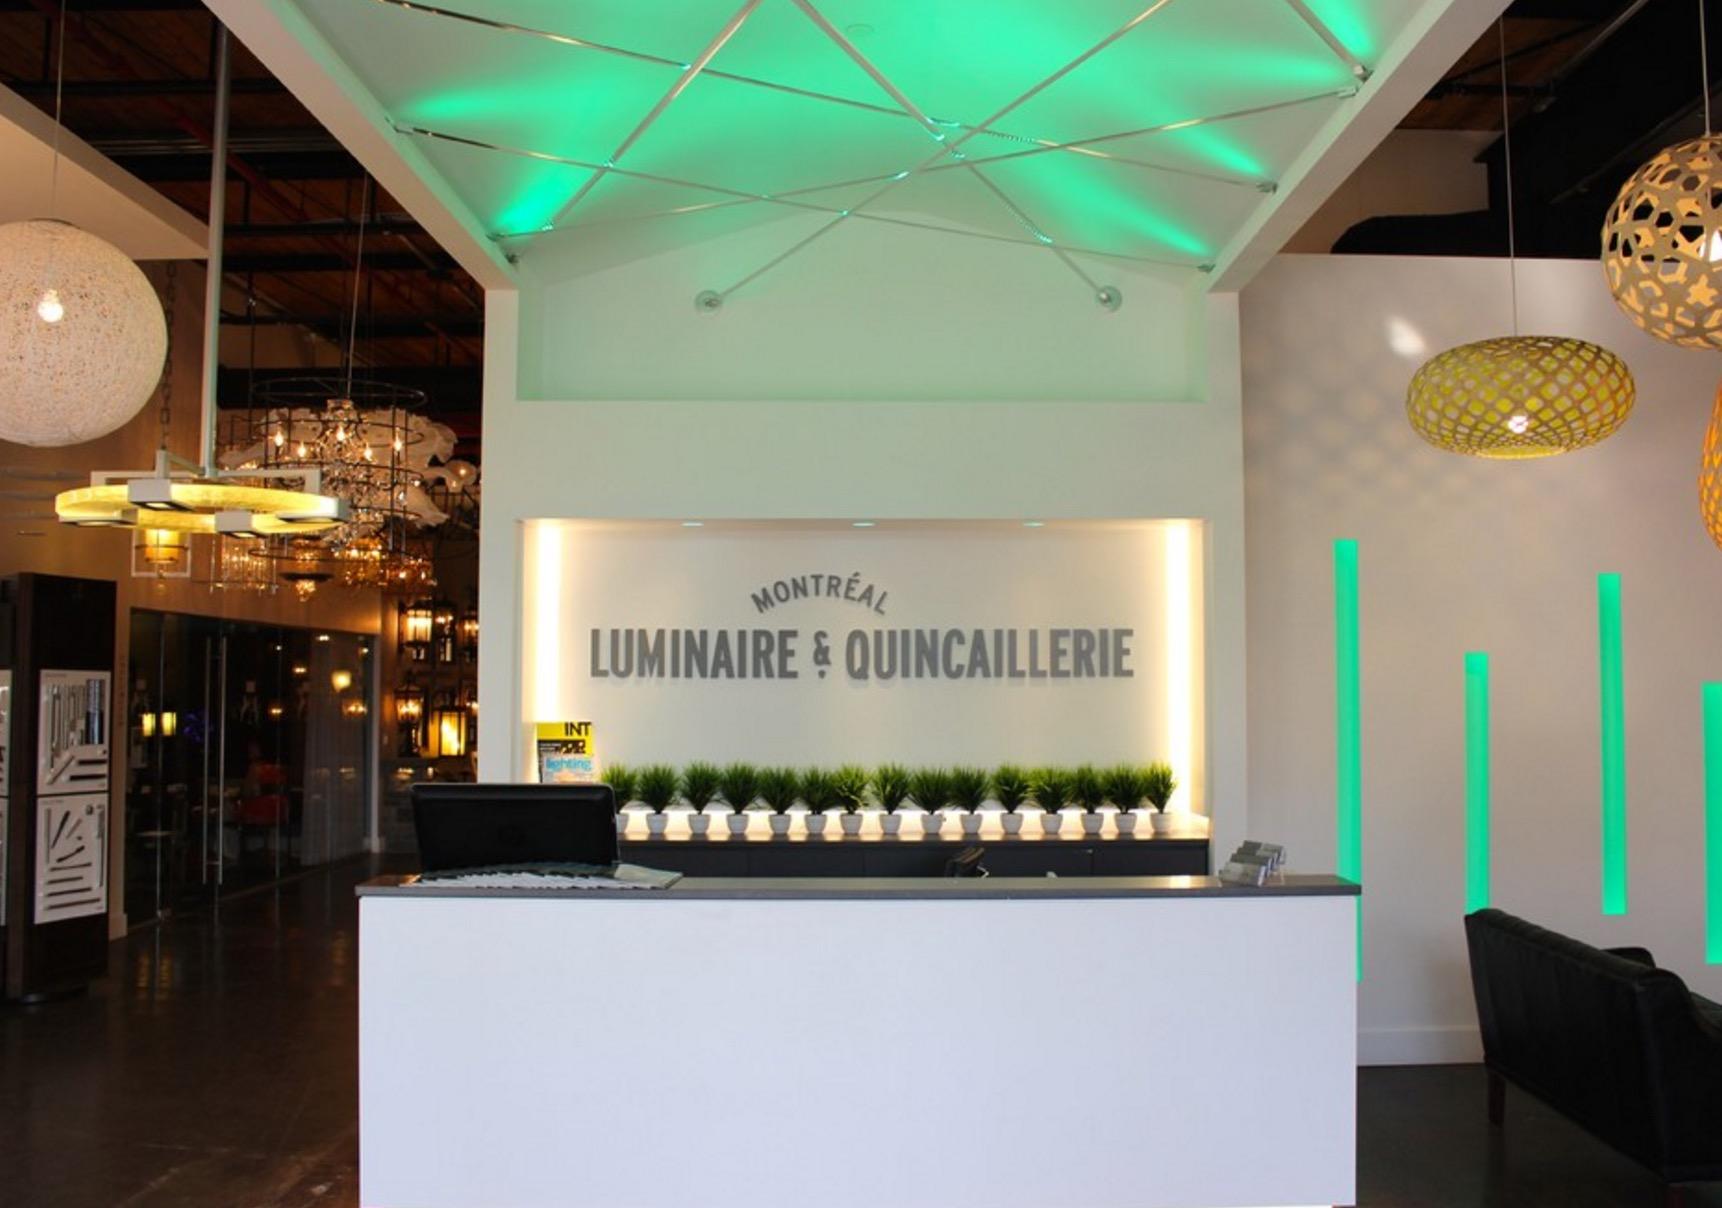 Montreal-luminaire-quincaillerie-joli-design-11